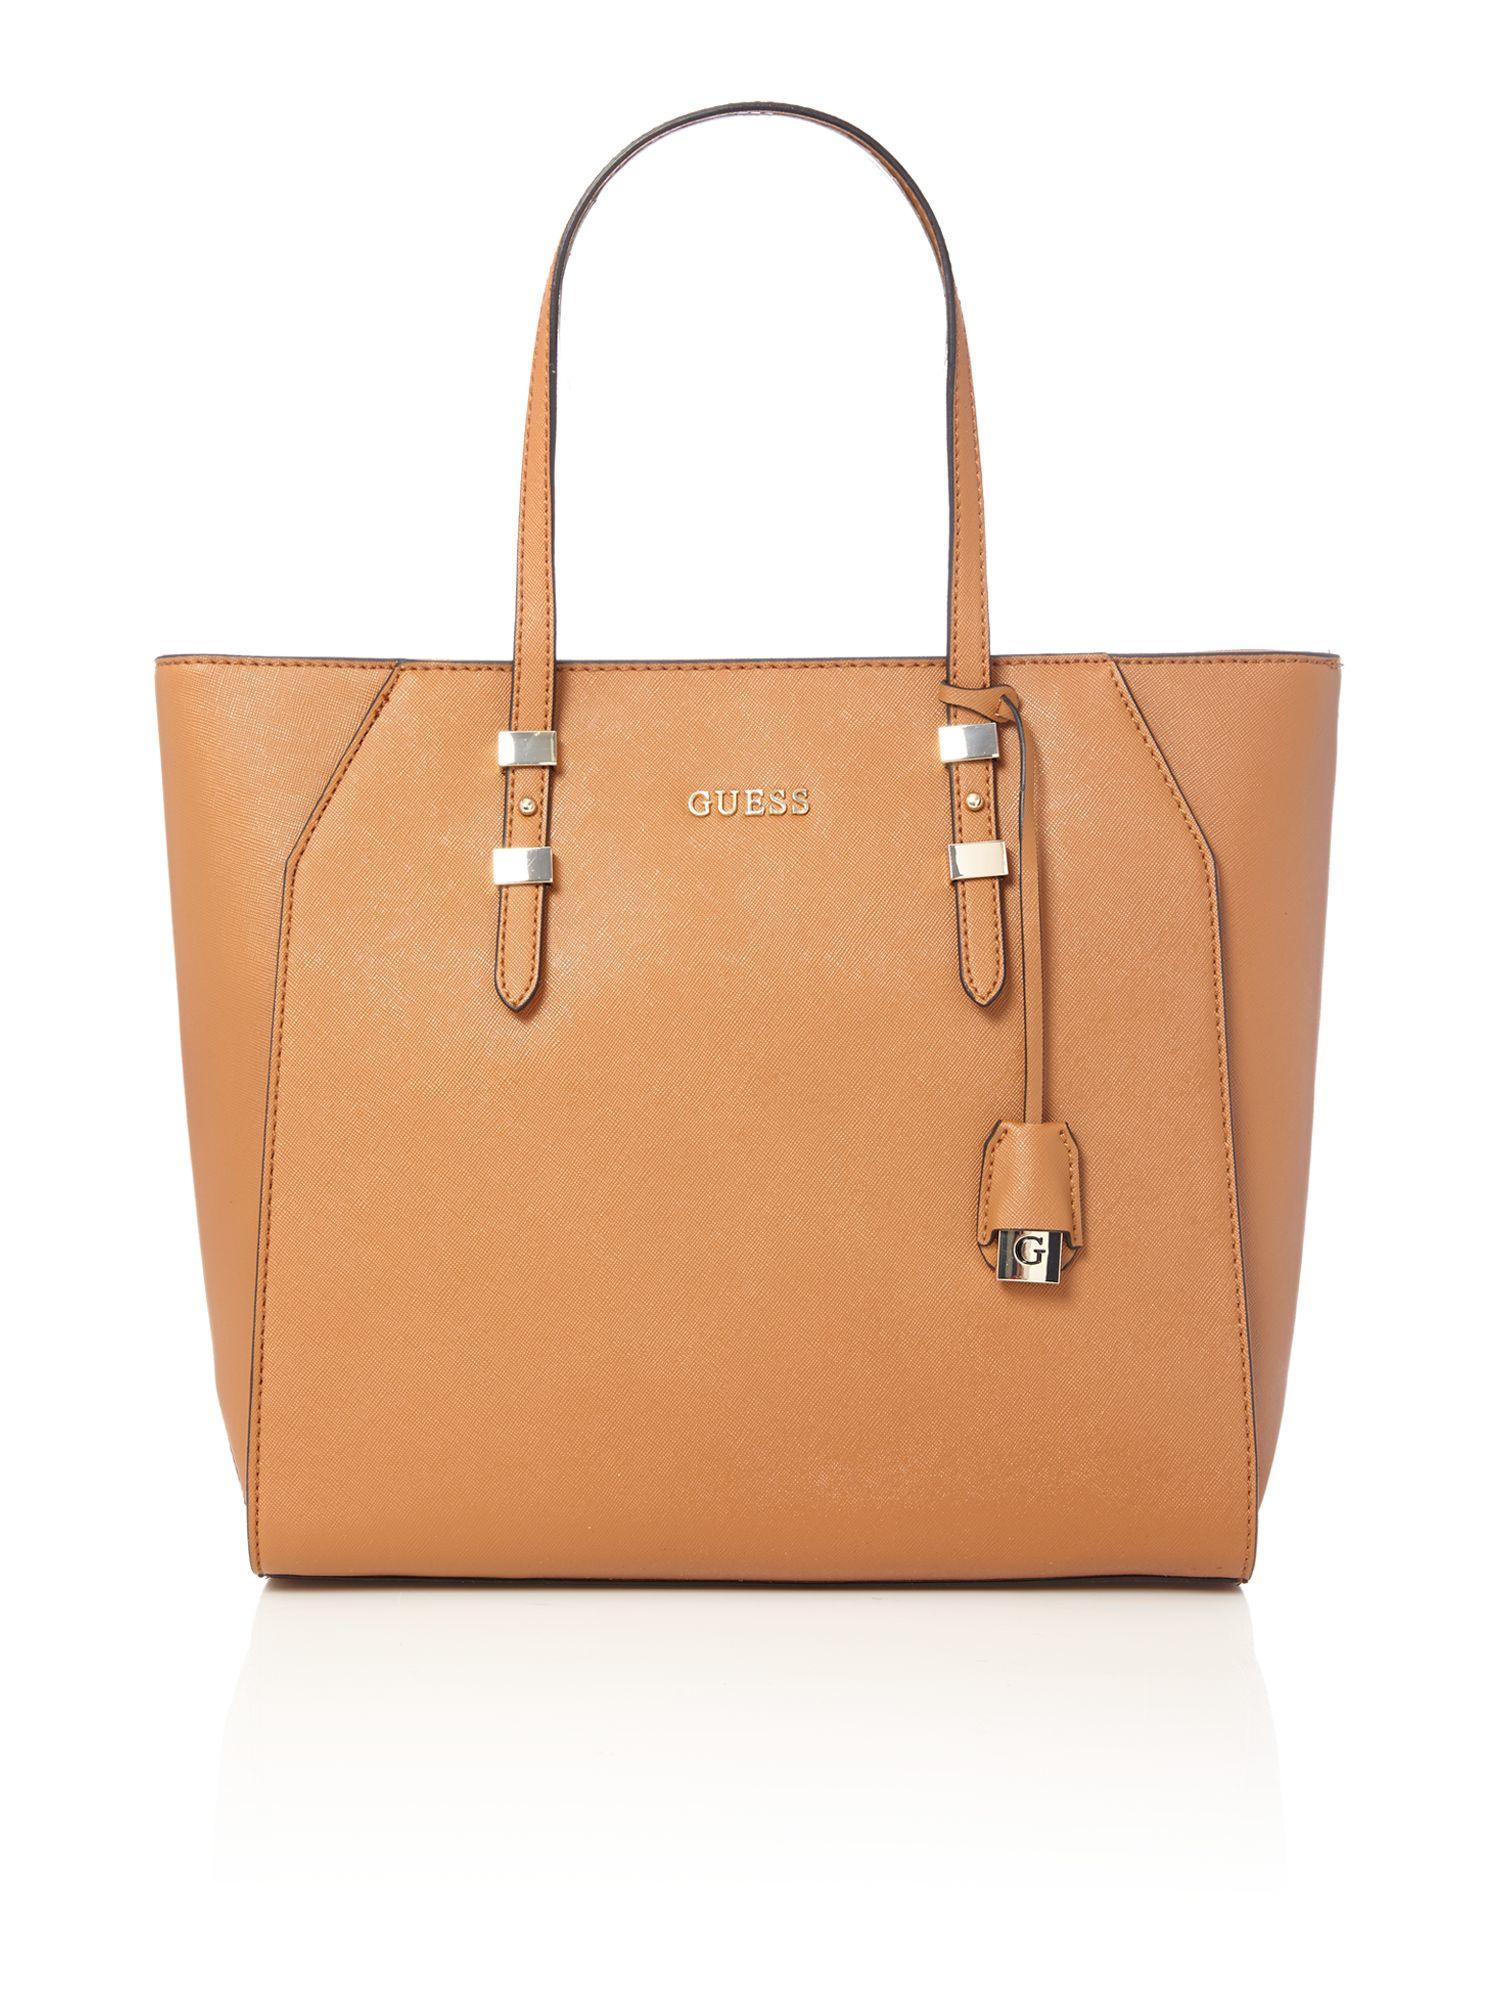 d49a2300582c GUESS bags. GUESS Kamryn Saffiano Tote Bag